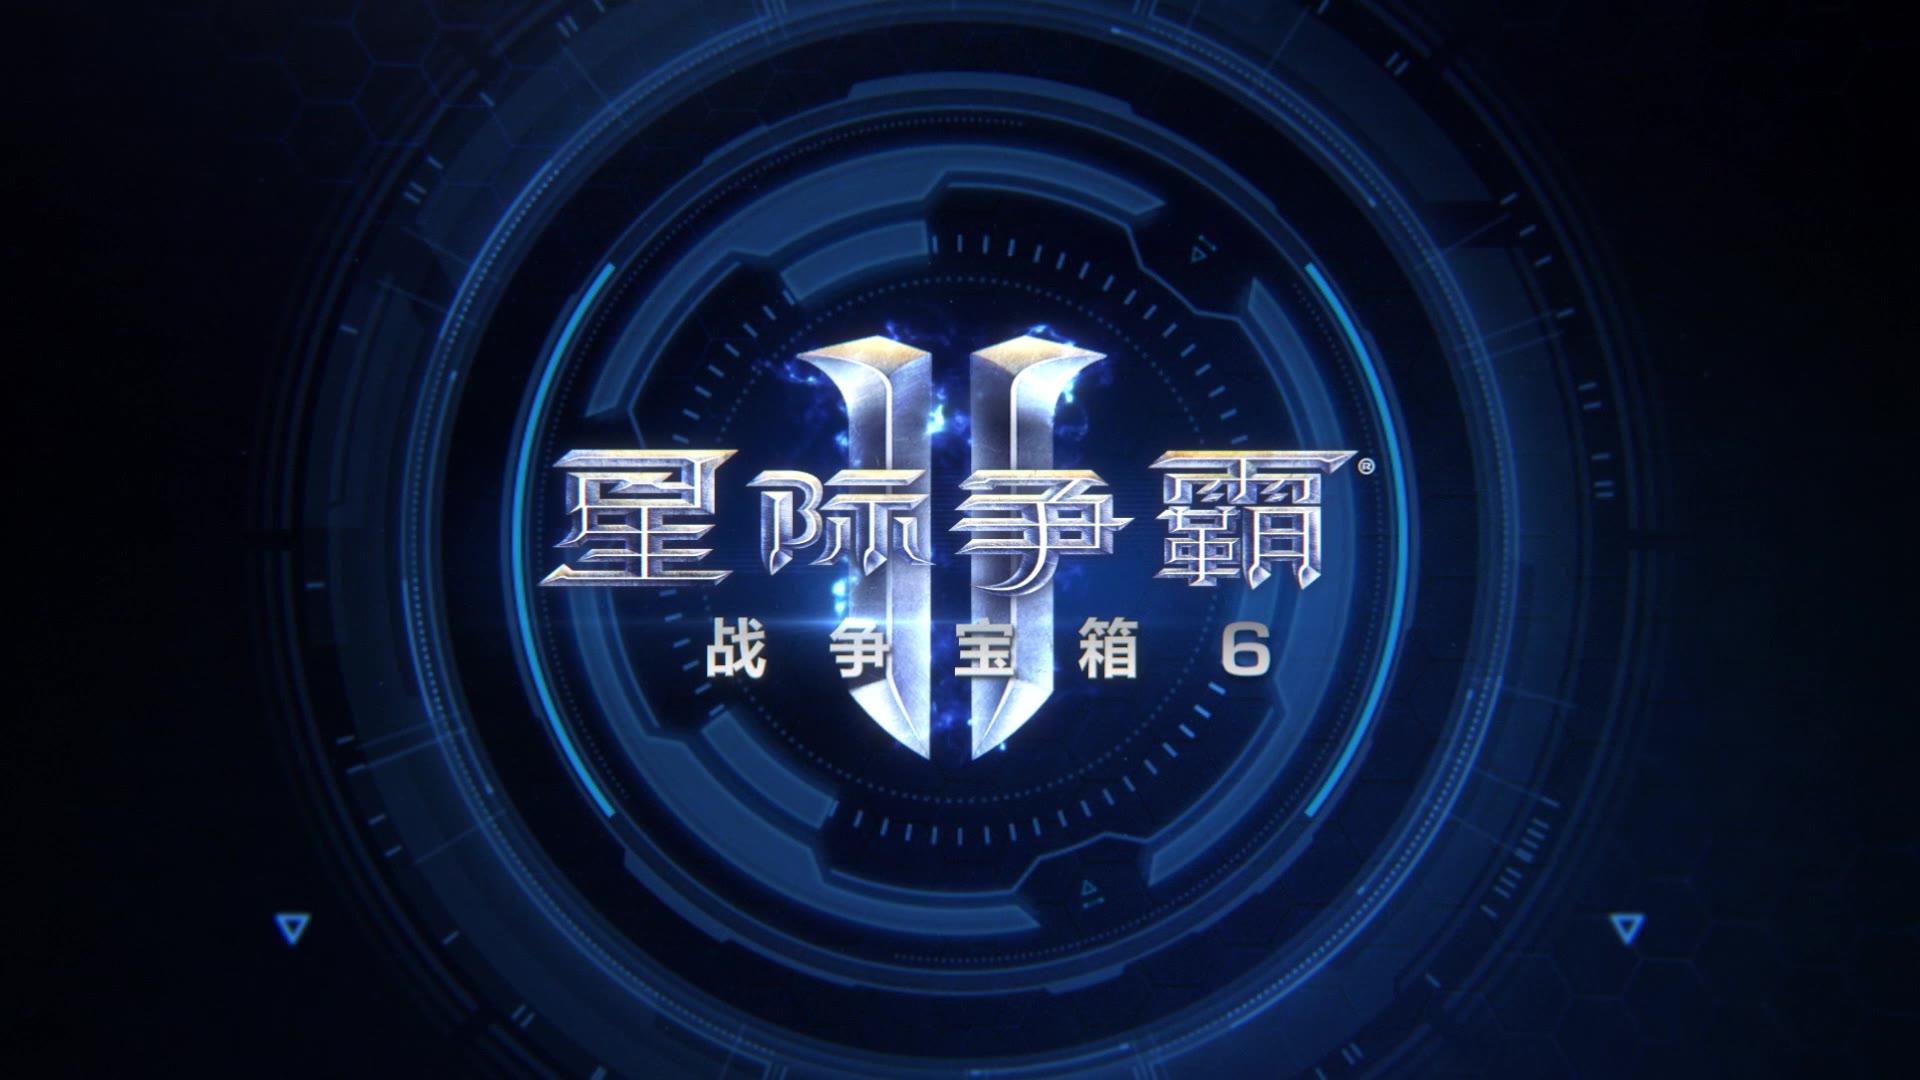 《星际争霸II》:战争宝箱6现已上线